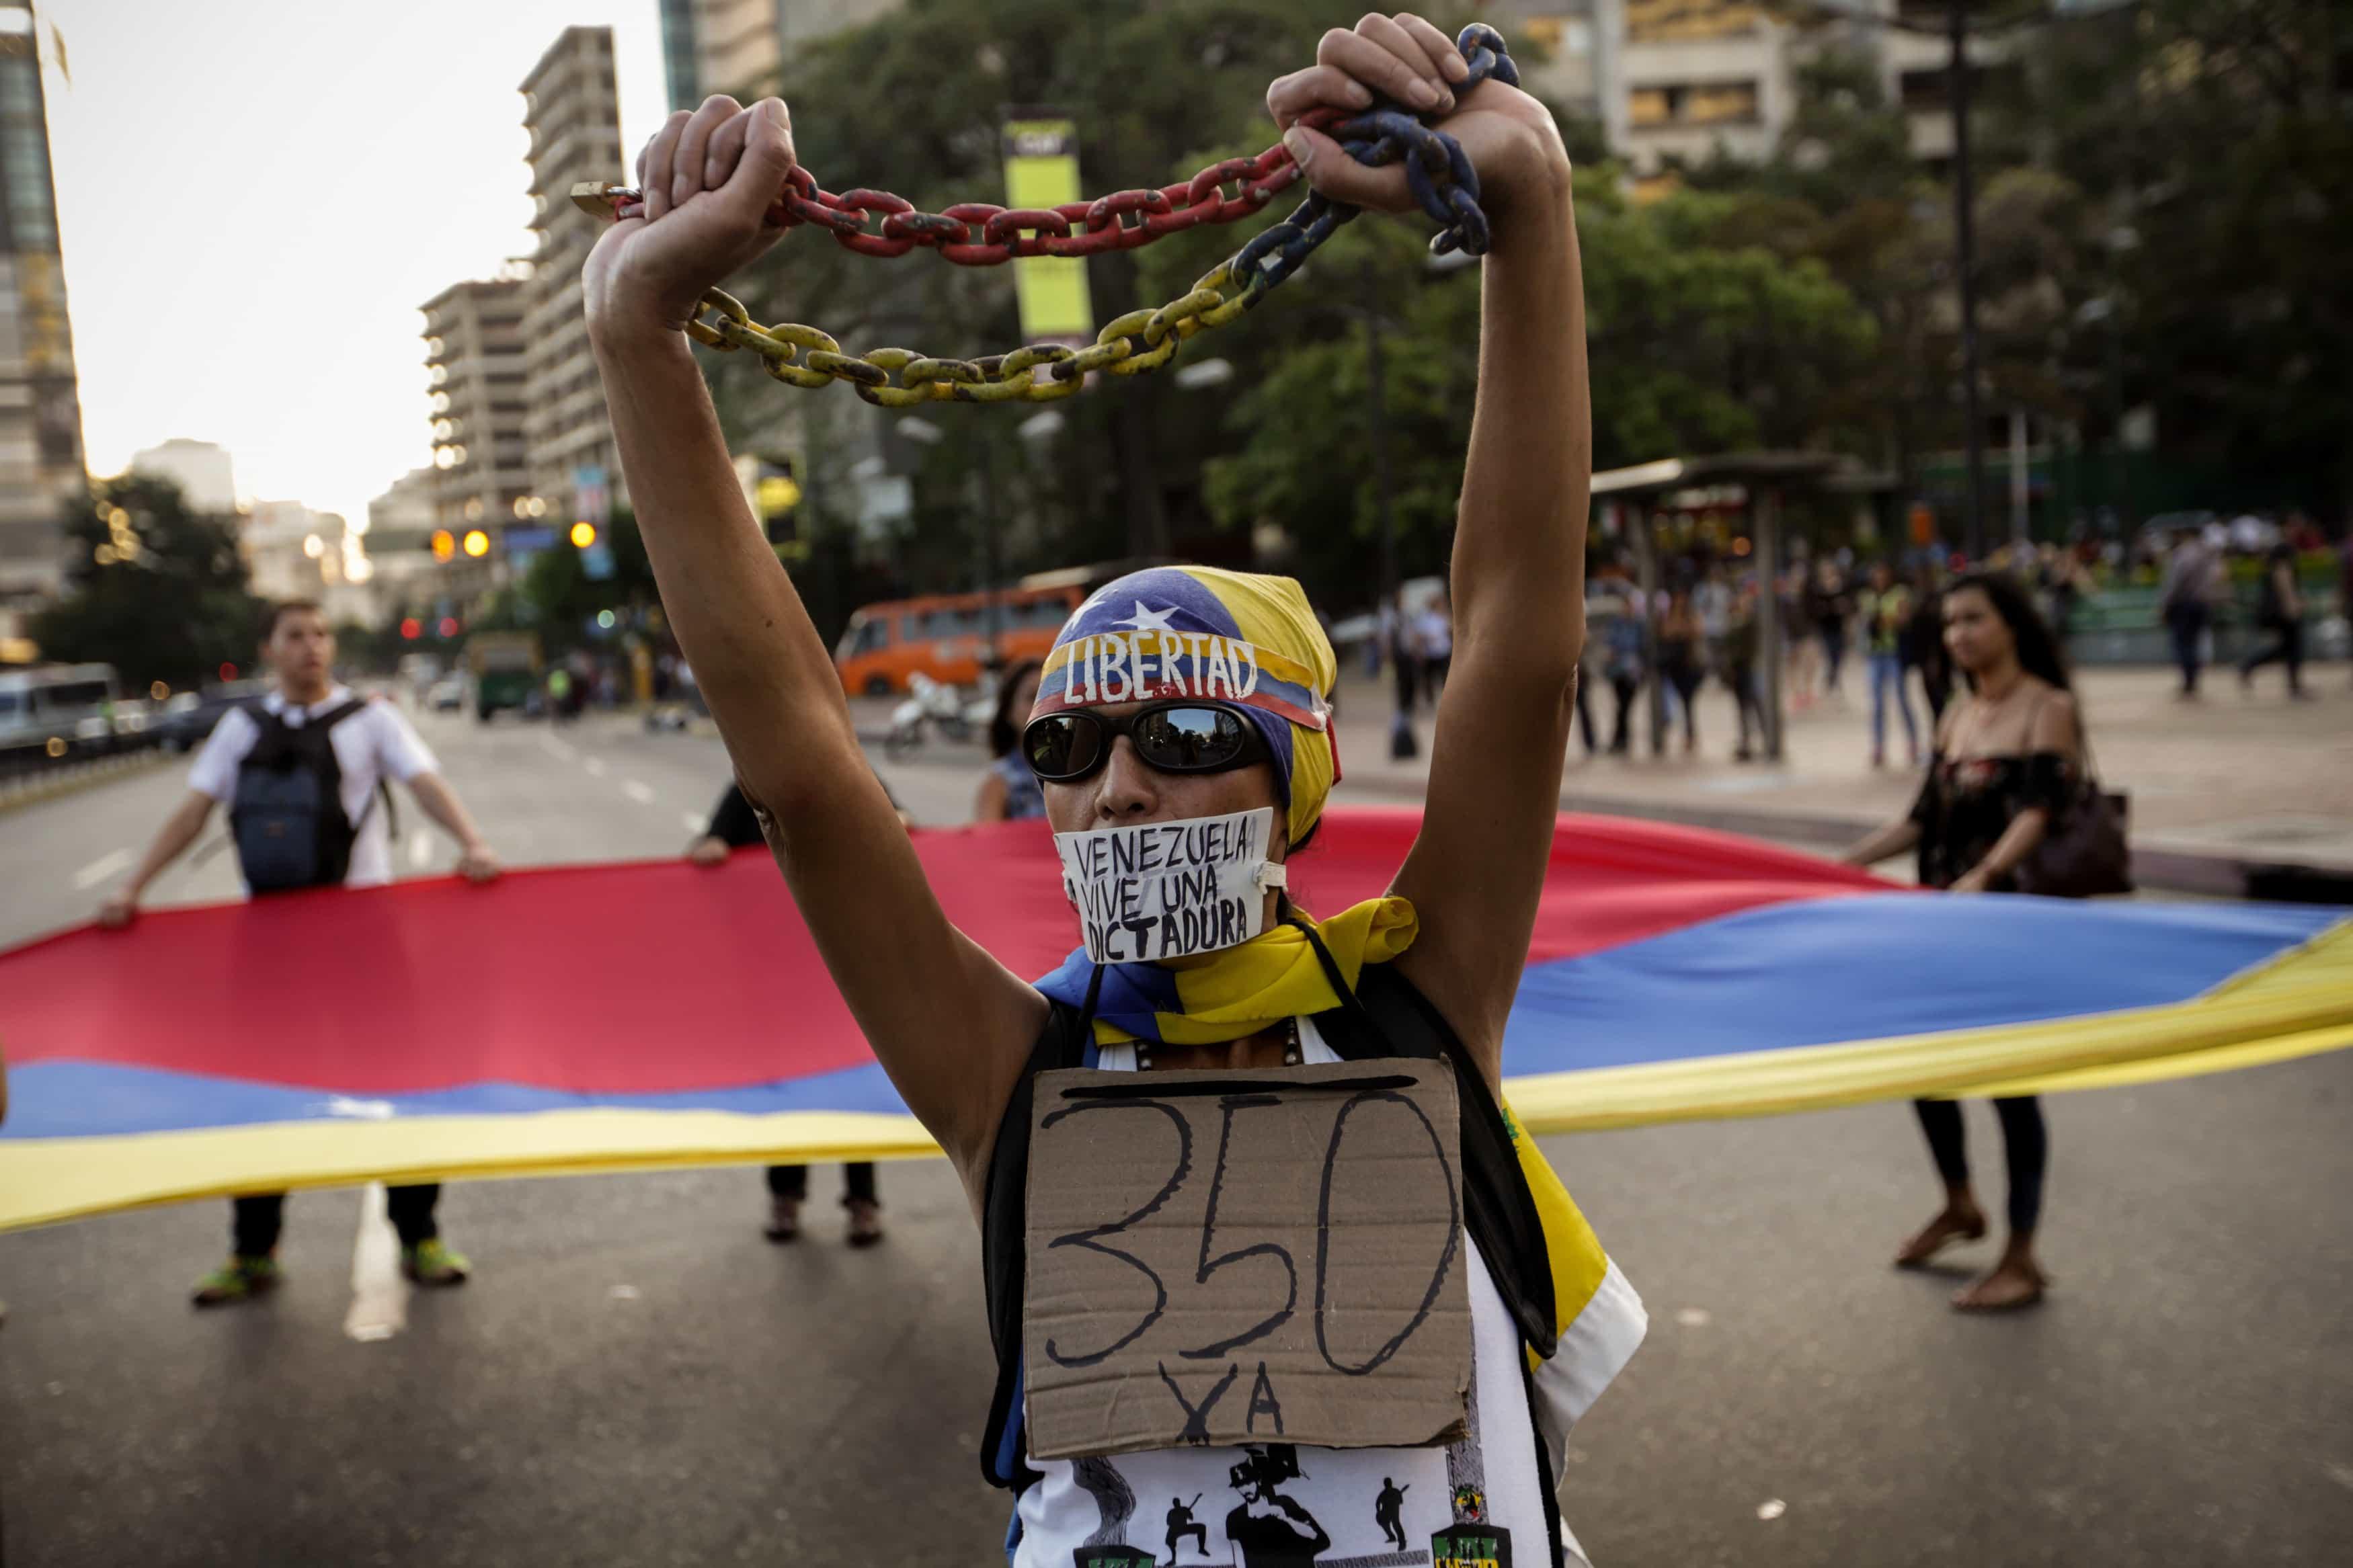 VENEZOLANOS PROTESTAN EN CARACAS EN RECHAZO A DECISIÓN DEL SUPREMO